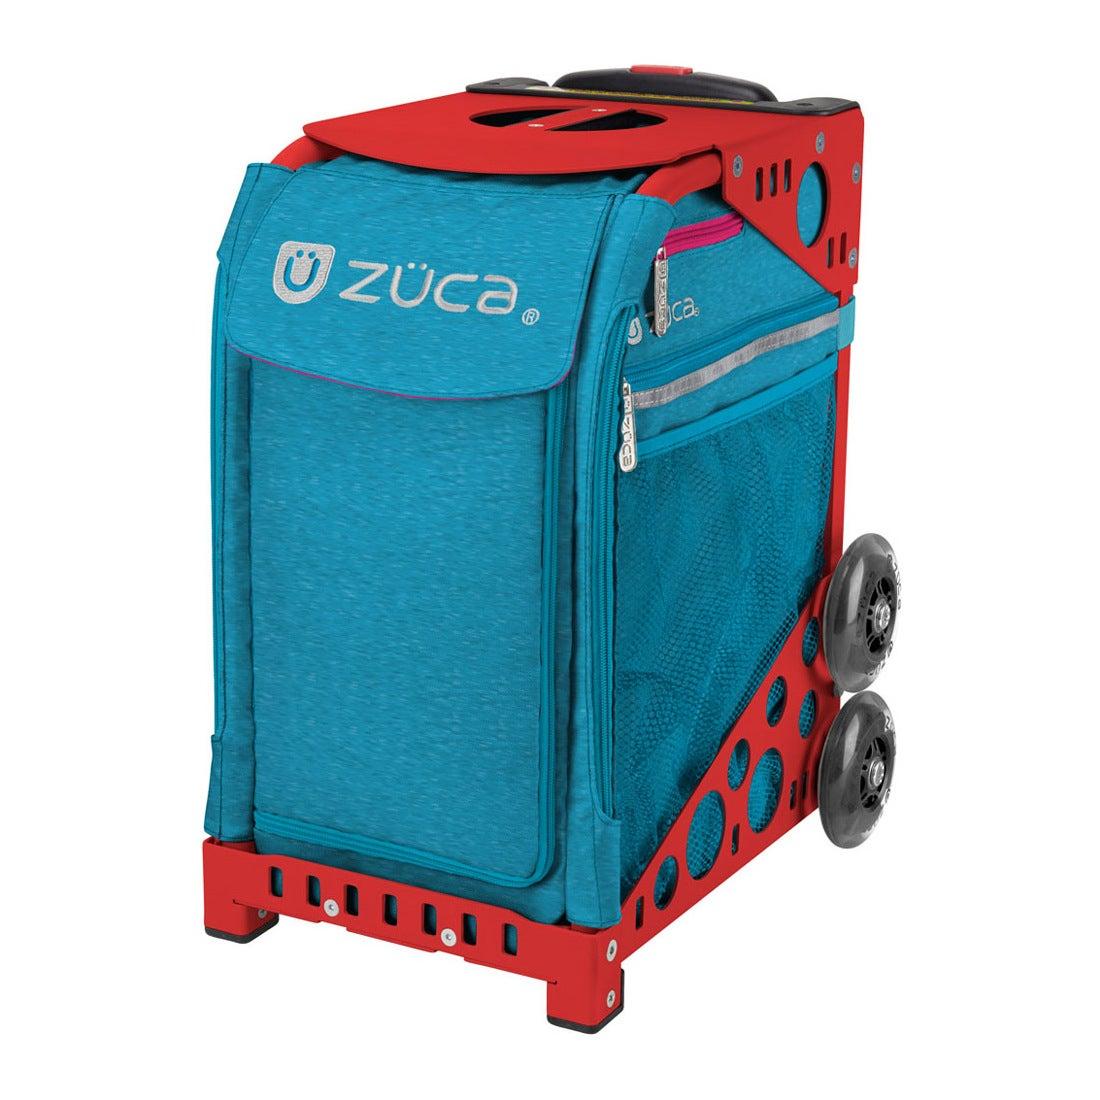 ロコンド 靴とファッションの通販サイト【セット販売】ZUCAスポーツBeachyBlue100403Red